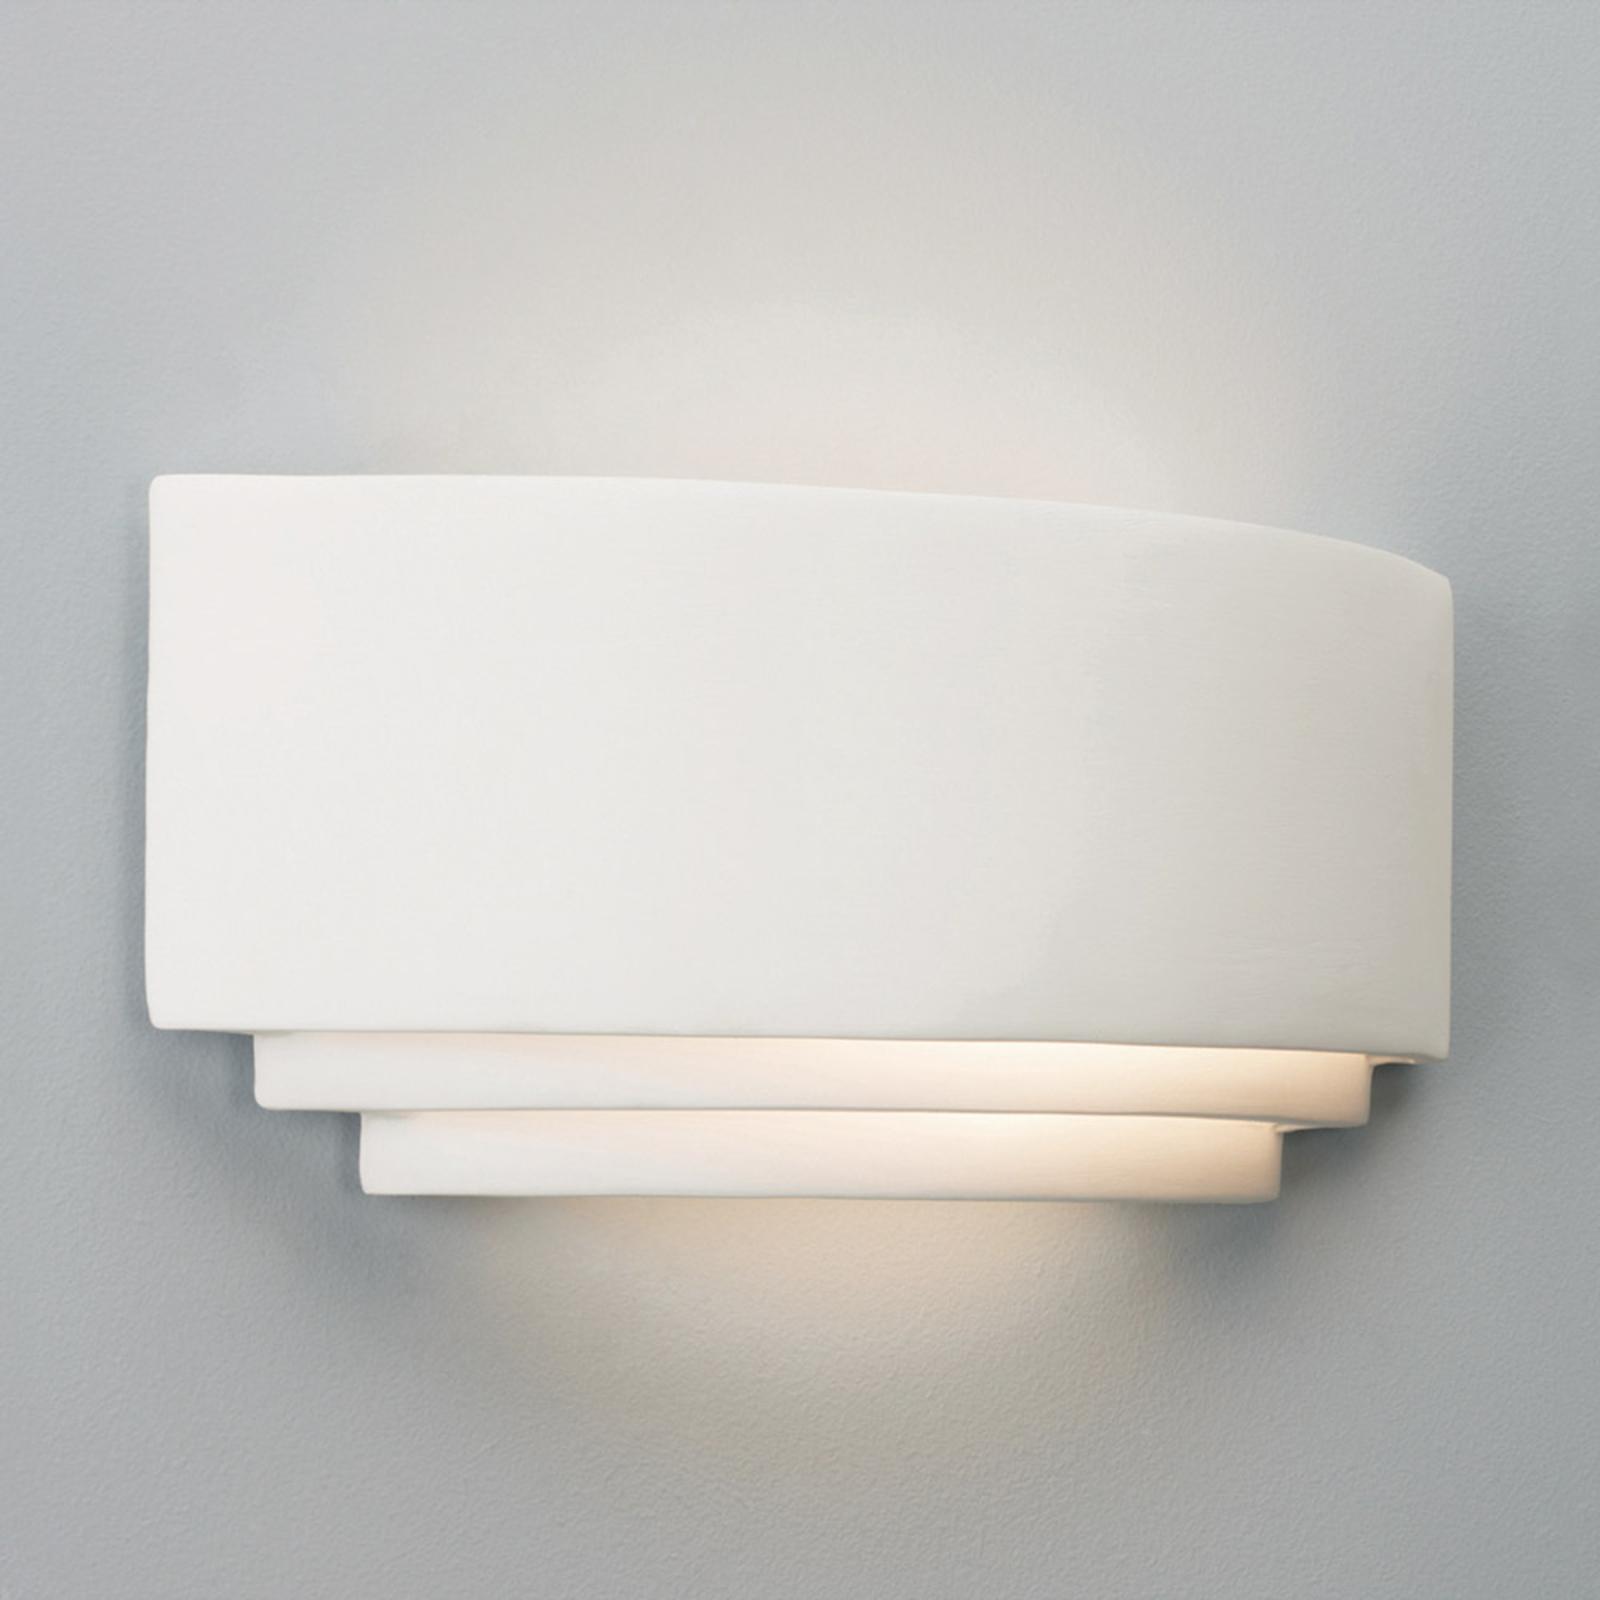 Prosta lampa ścienna AMALFI z ceramiki